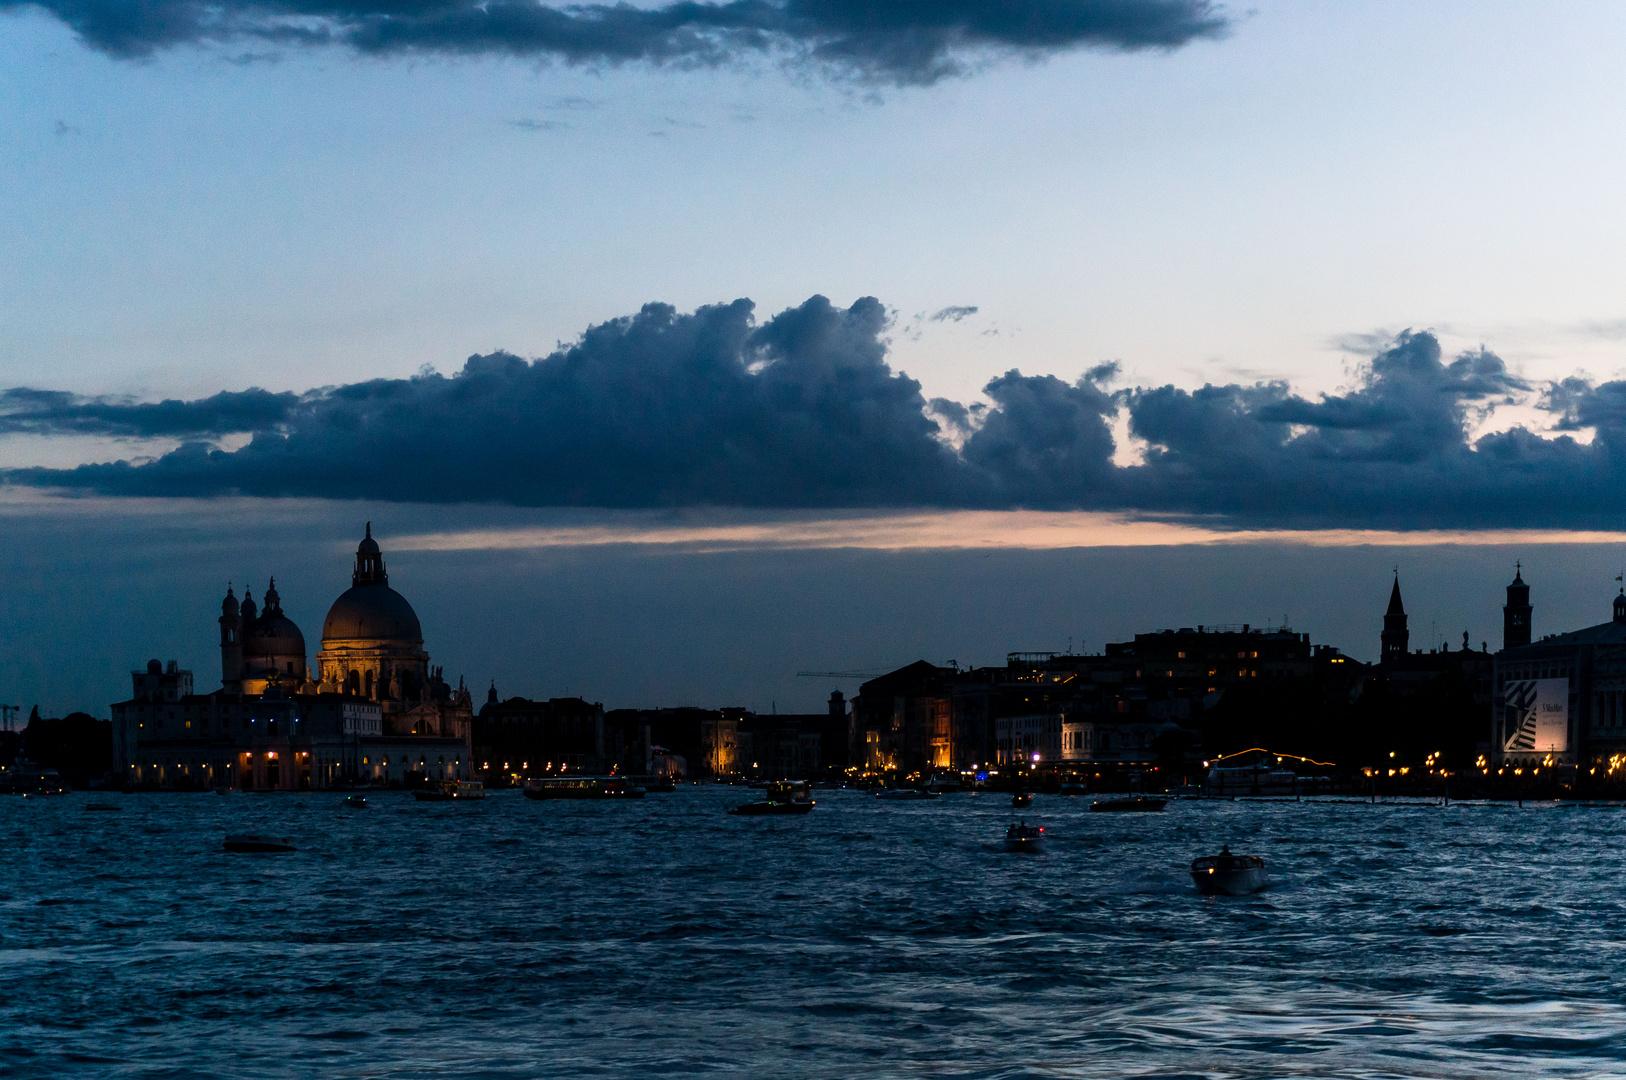 Blaue Stunde in Venedig von der Fähre aus